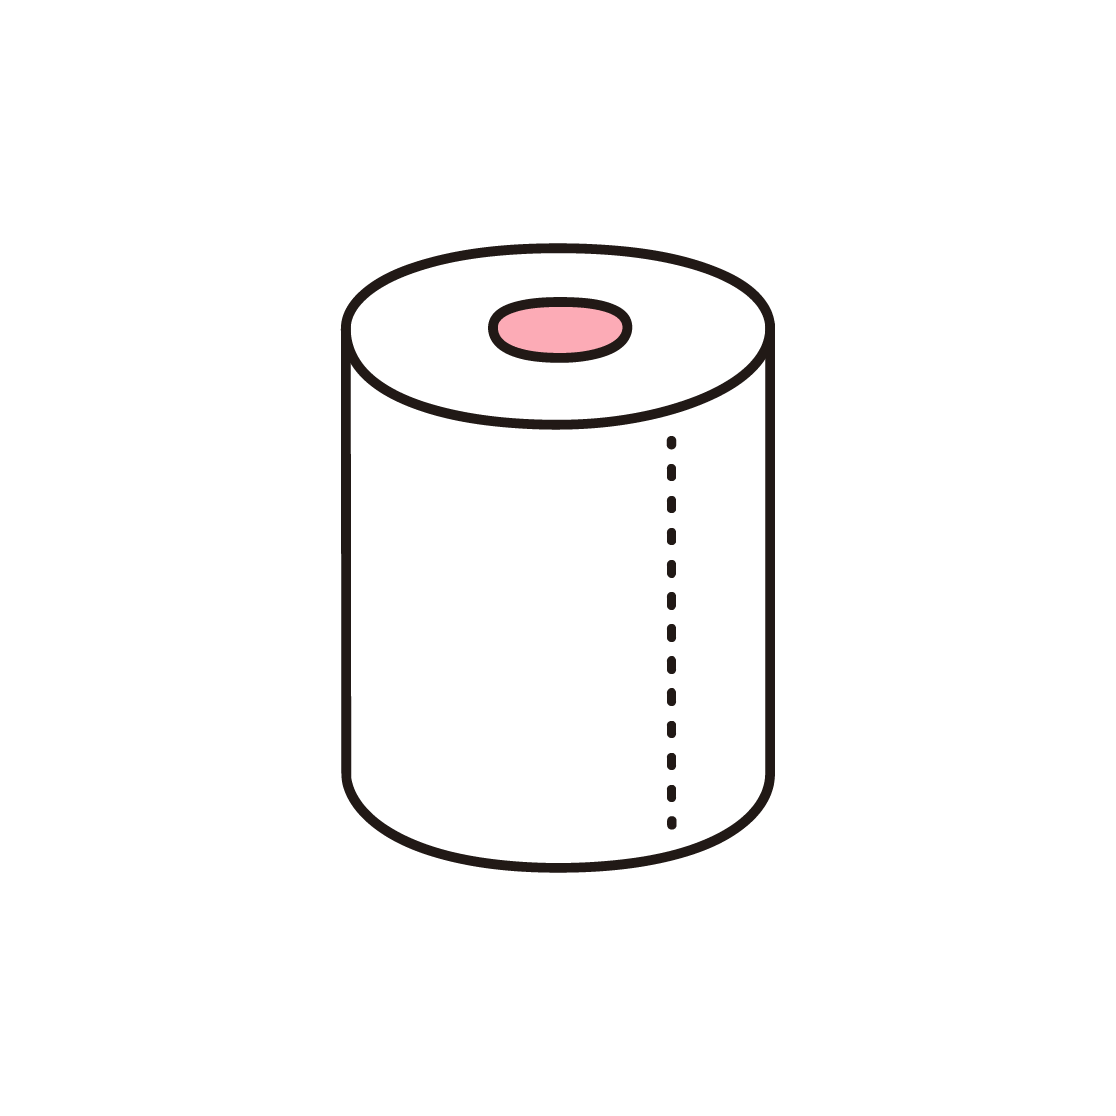 トイレットペーパーの単色イラスト